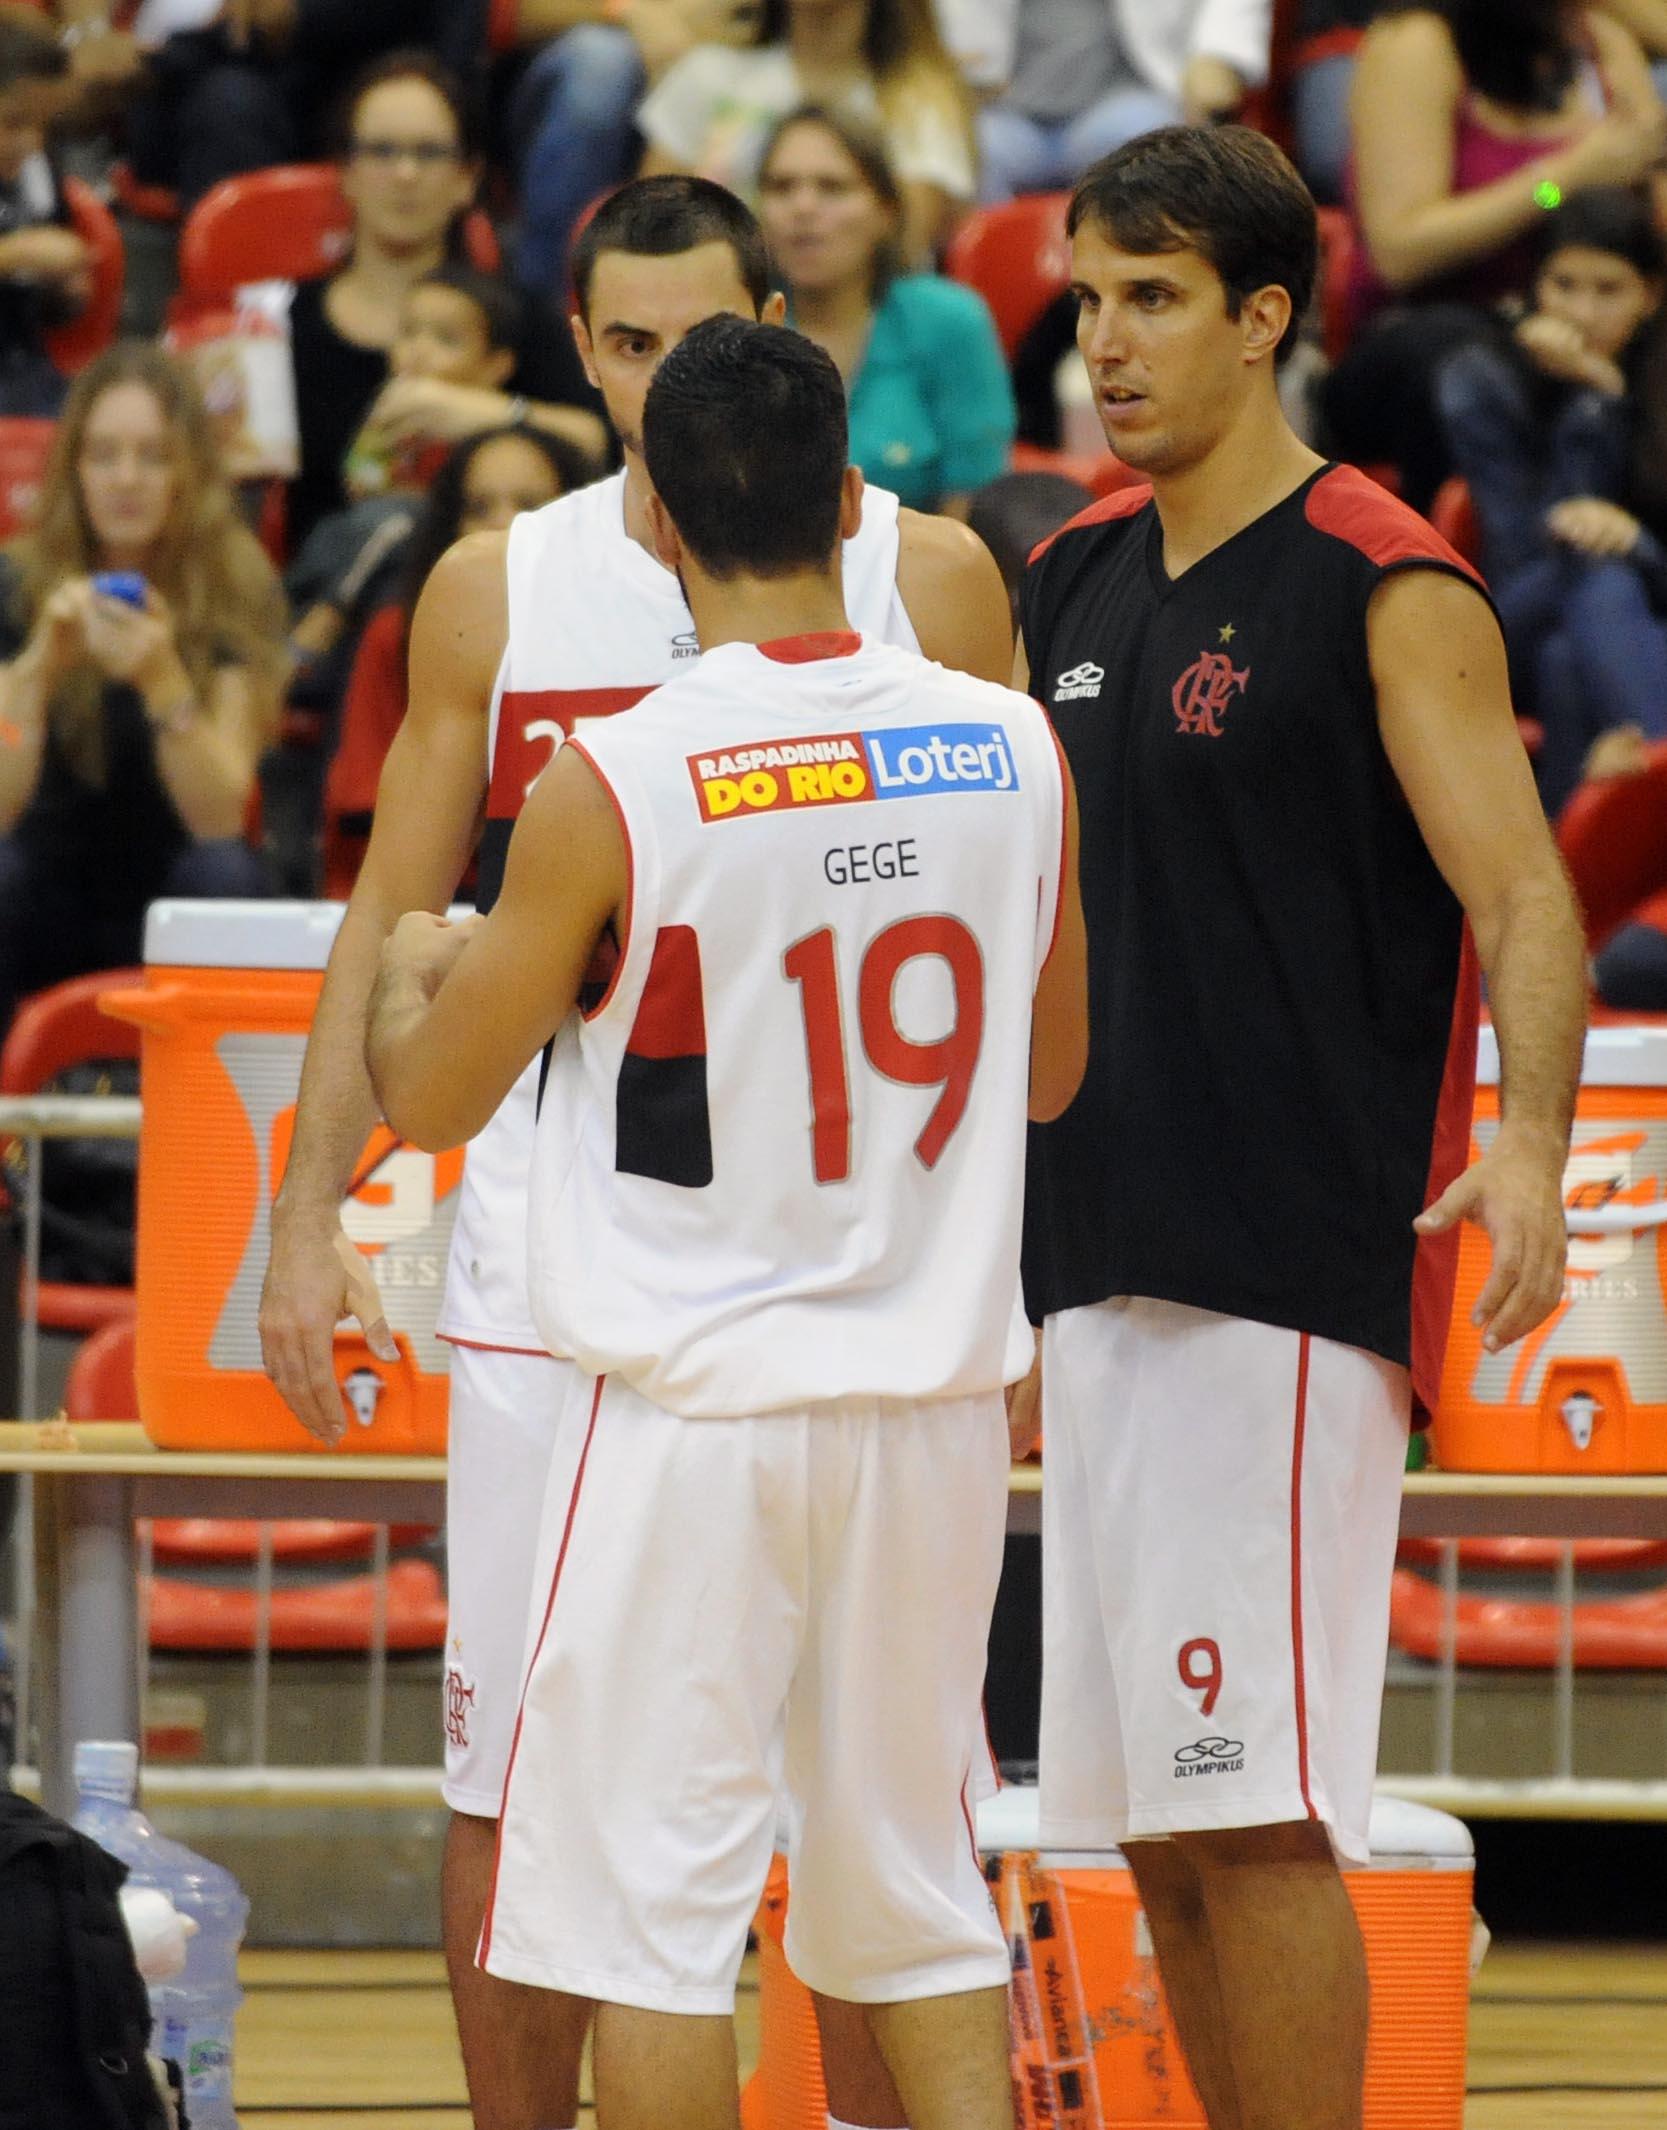 Marcelinho Machado, Gegê e Zanotti, do Flamengo